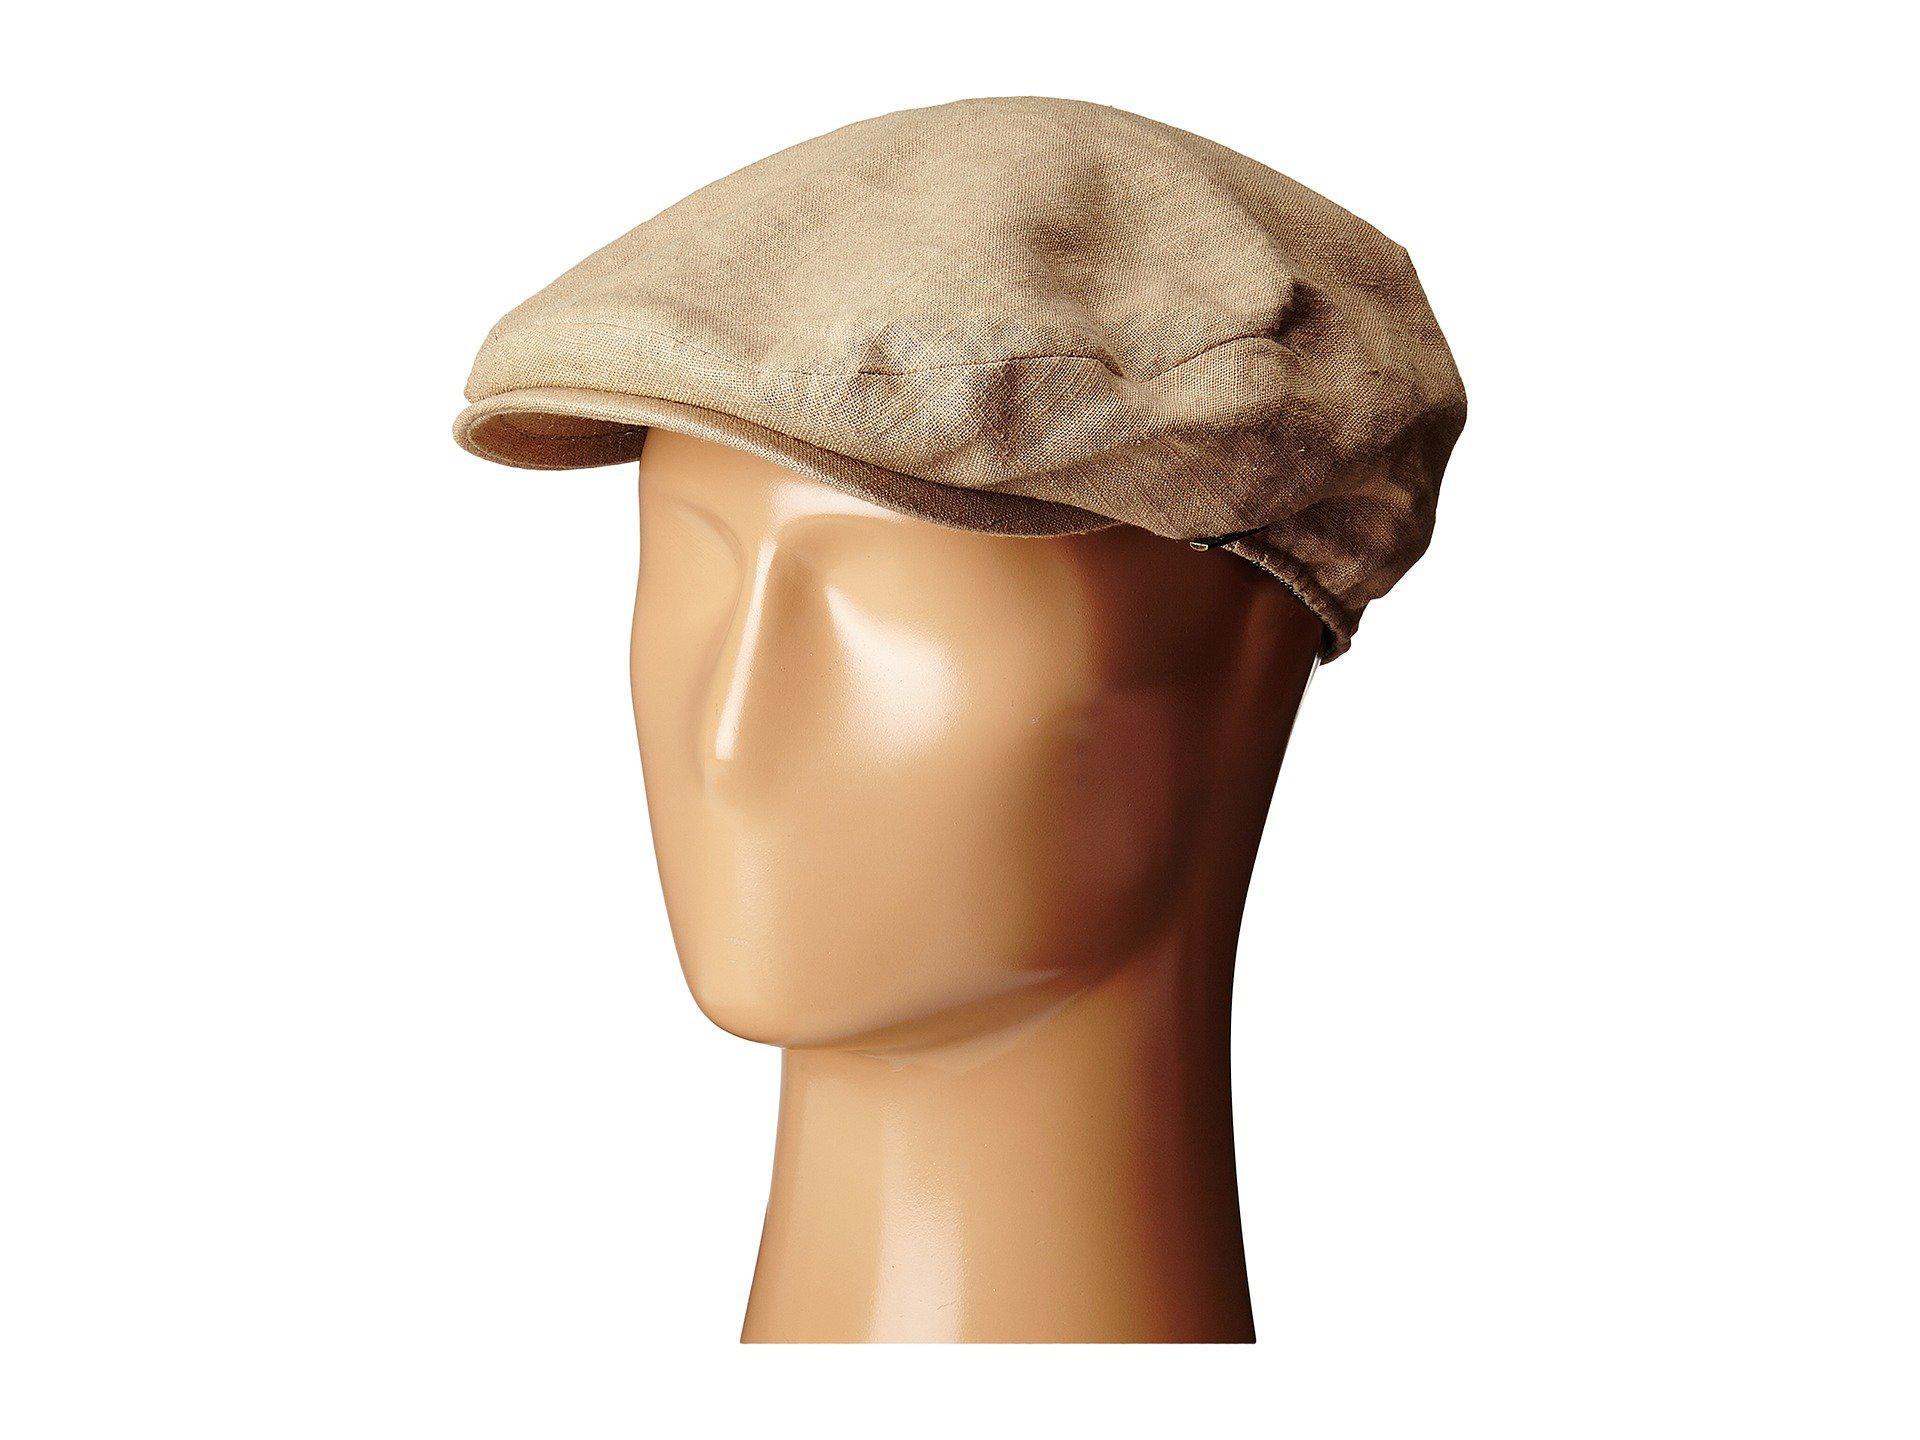 e2555af46 Men's Natural Linen Ivy Cap